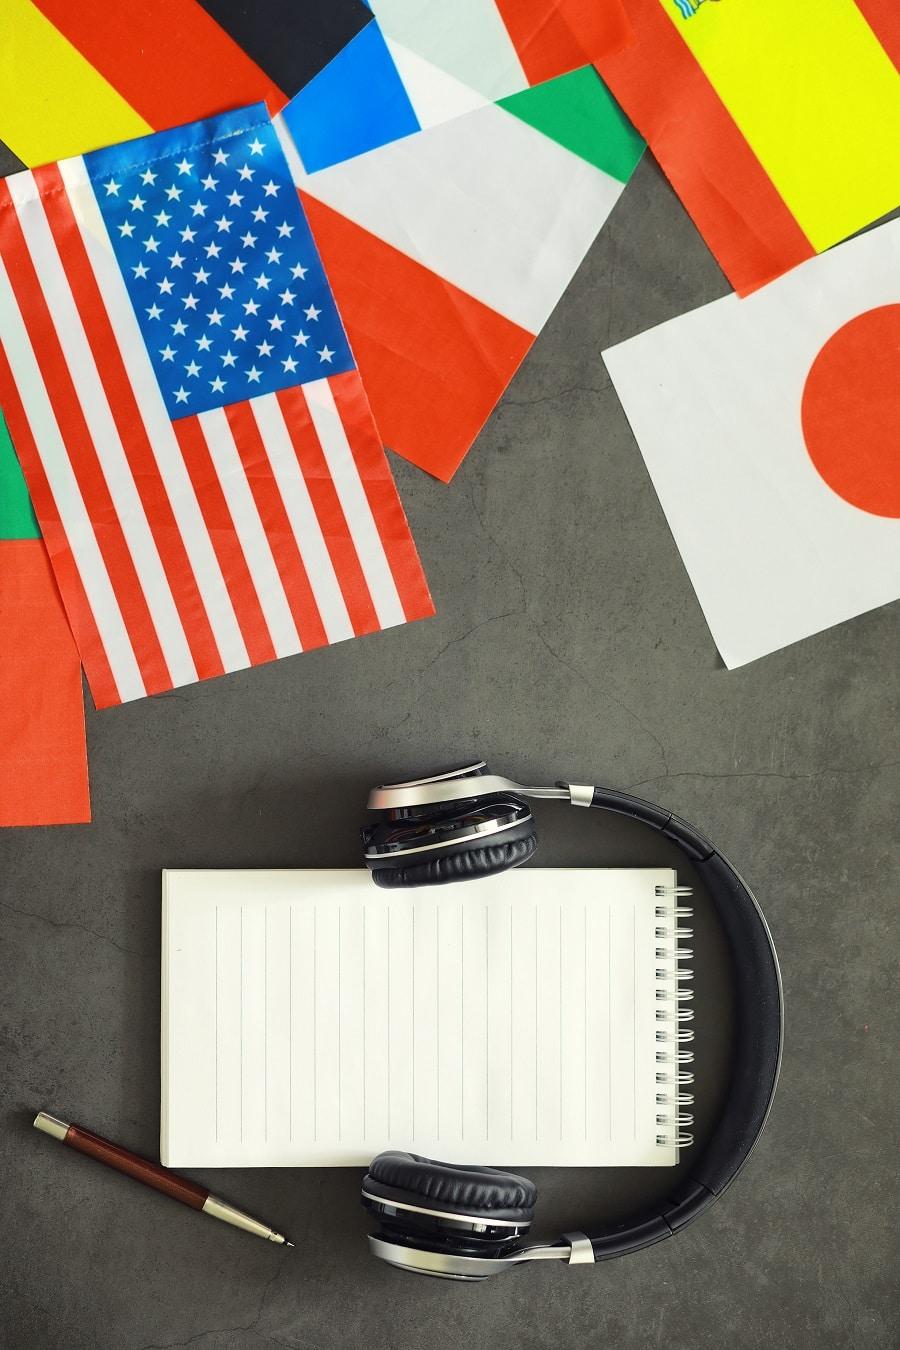 Työskentele kääntäjänä kevytyrittäjänä. Kuulokkeet, muistivihko ja eri maiden lippuja